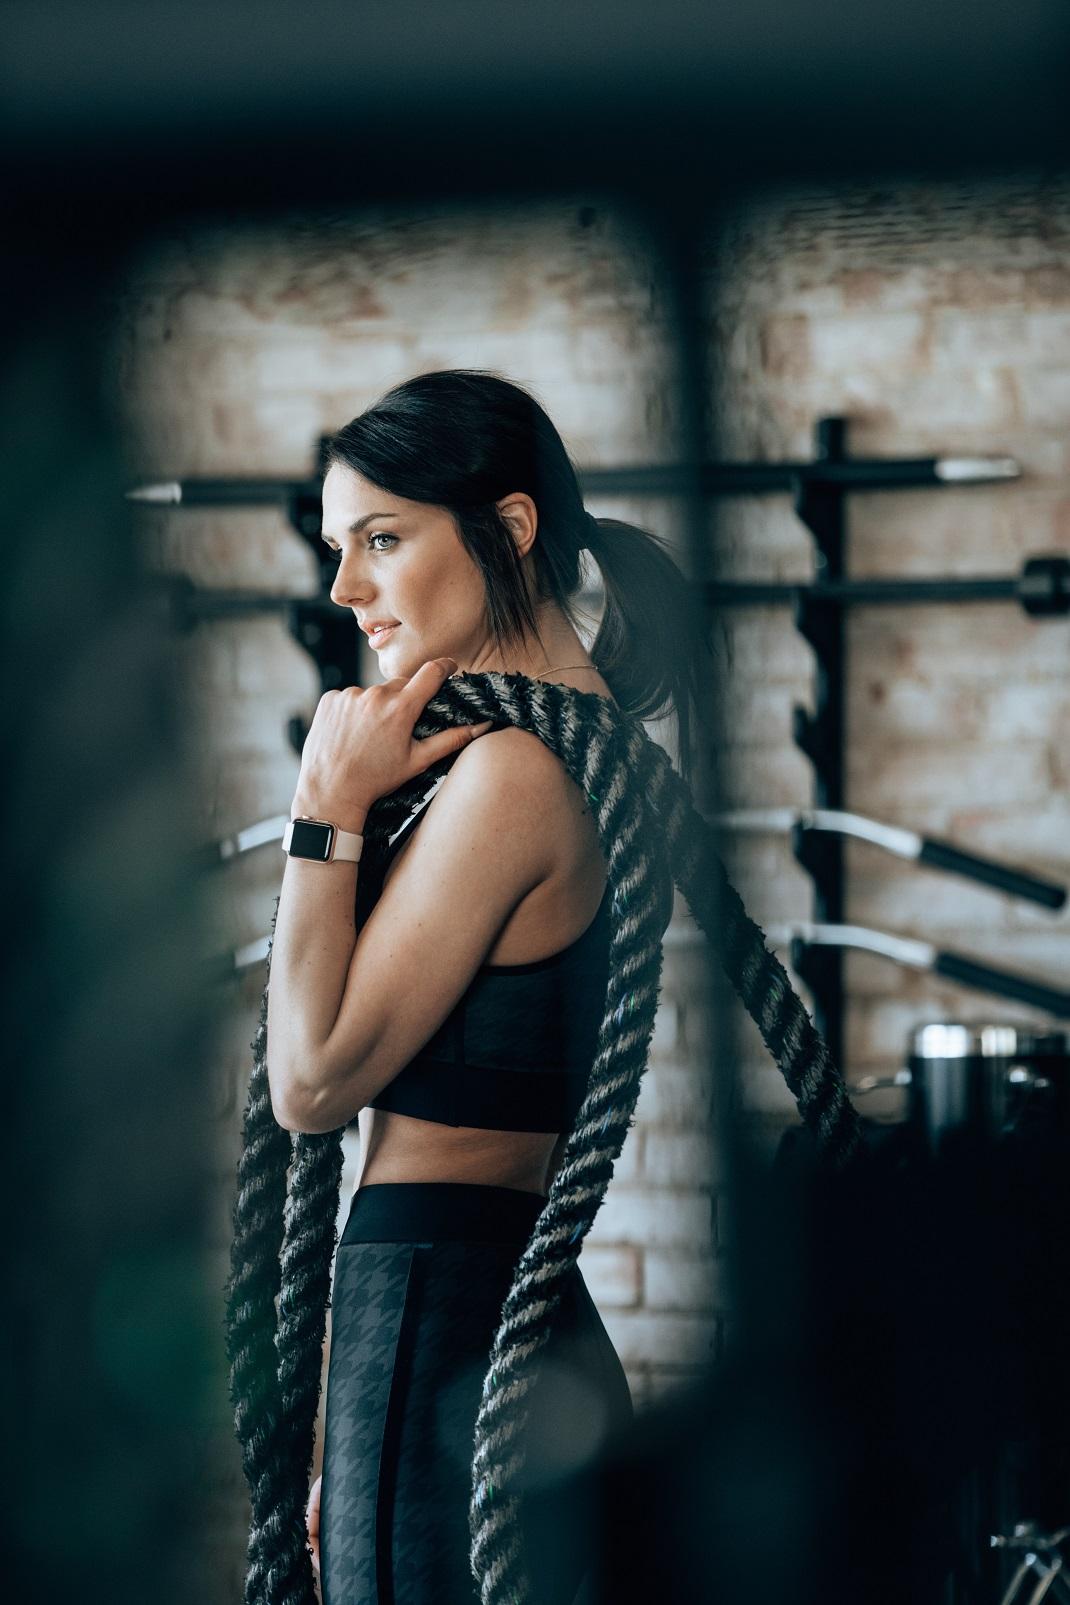 Γυναίκα στο γυμναστήριο